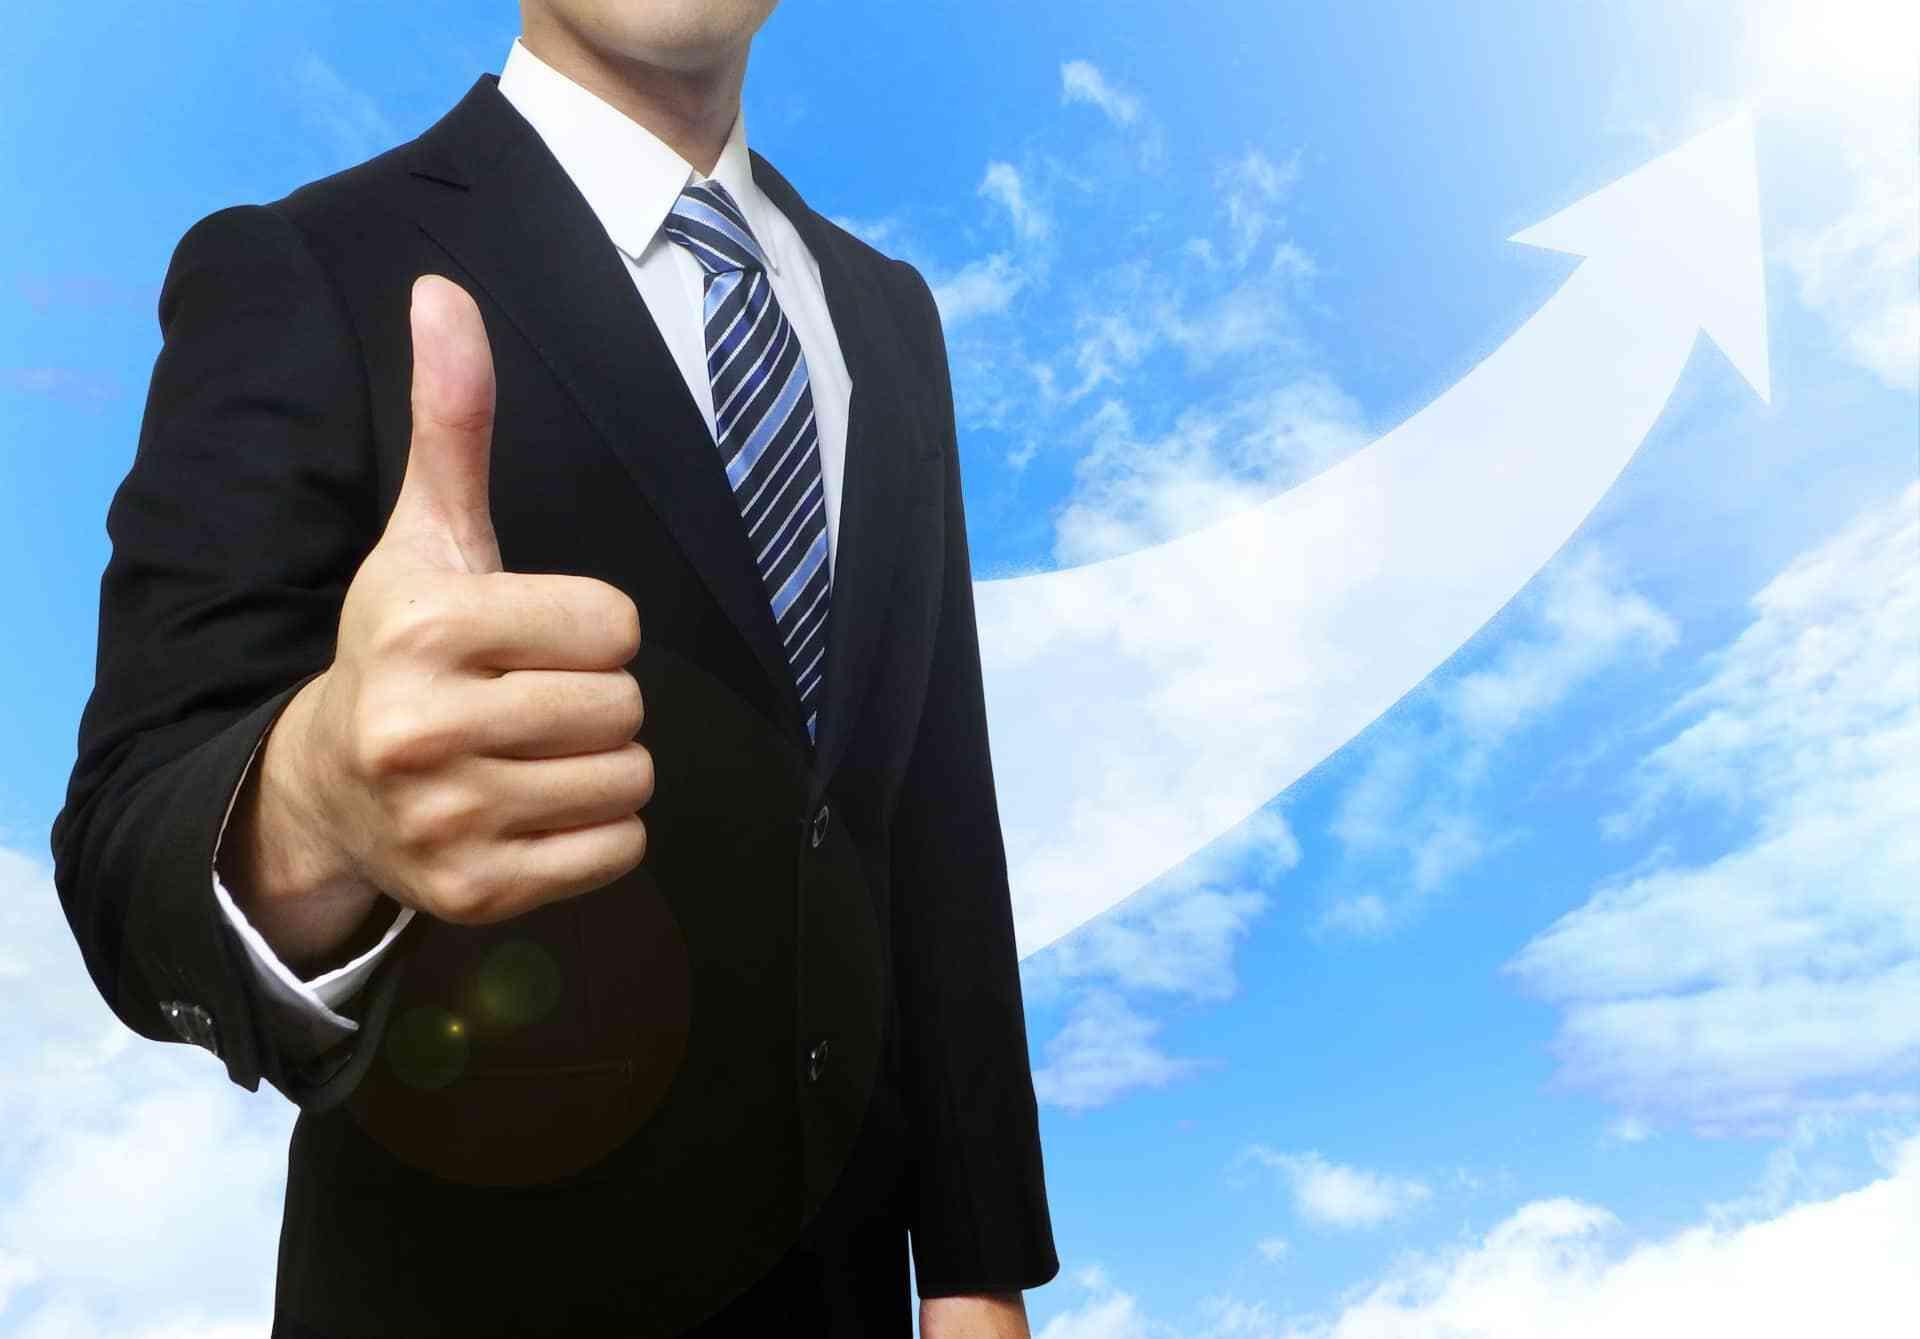 給料の高い仕事とは?日本の平均収入や給料の高い企業・業界も紹介!